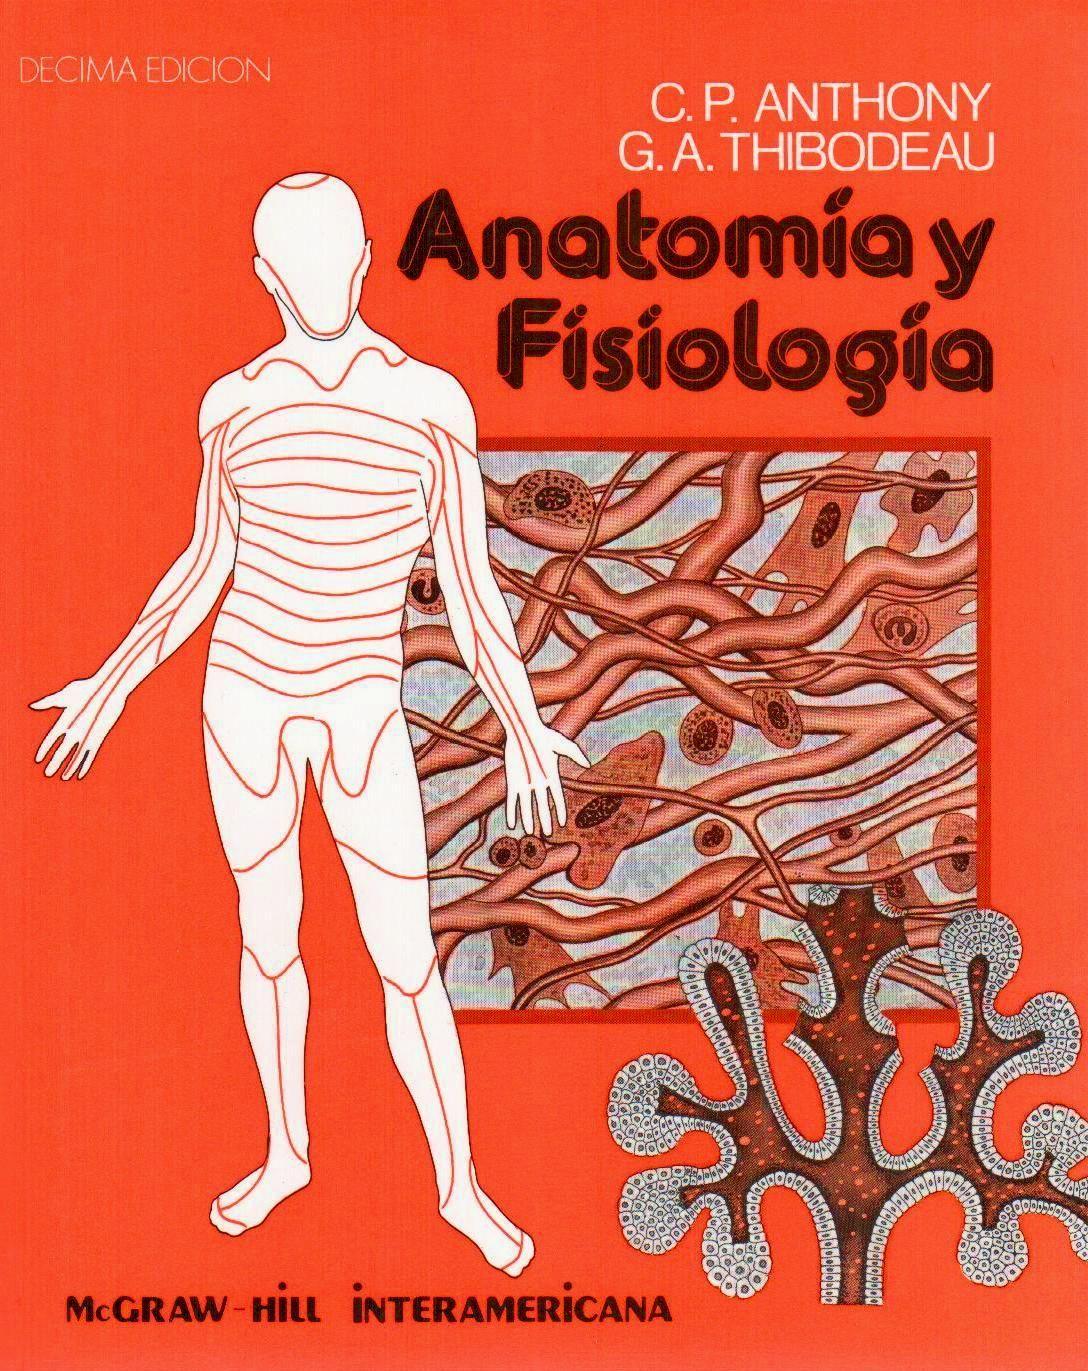 Anatomia y Fisiologia,El cuerpo como un todo,Sosten y movimiento ...